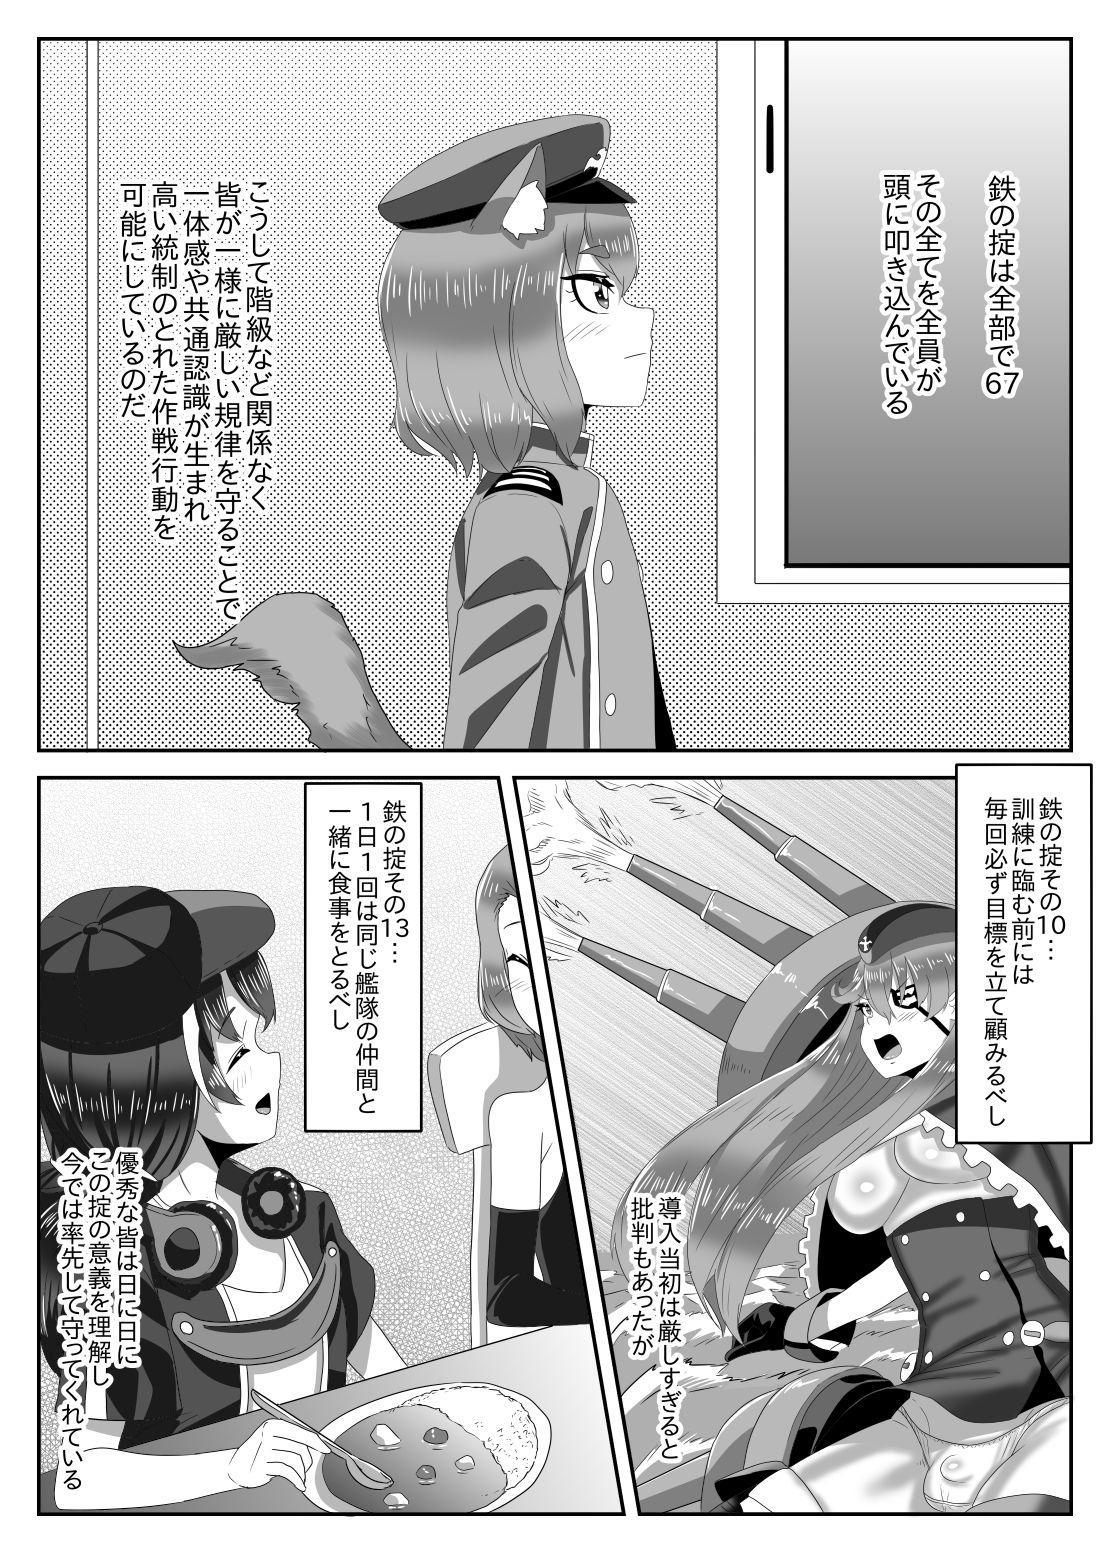 ふたなり艦隊と男の娘指揮官~フリードリ●はバブみが深い?~ 4